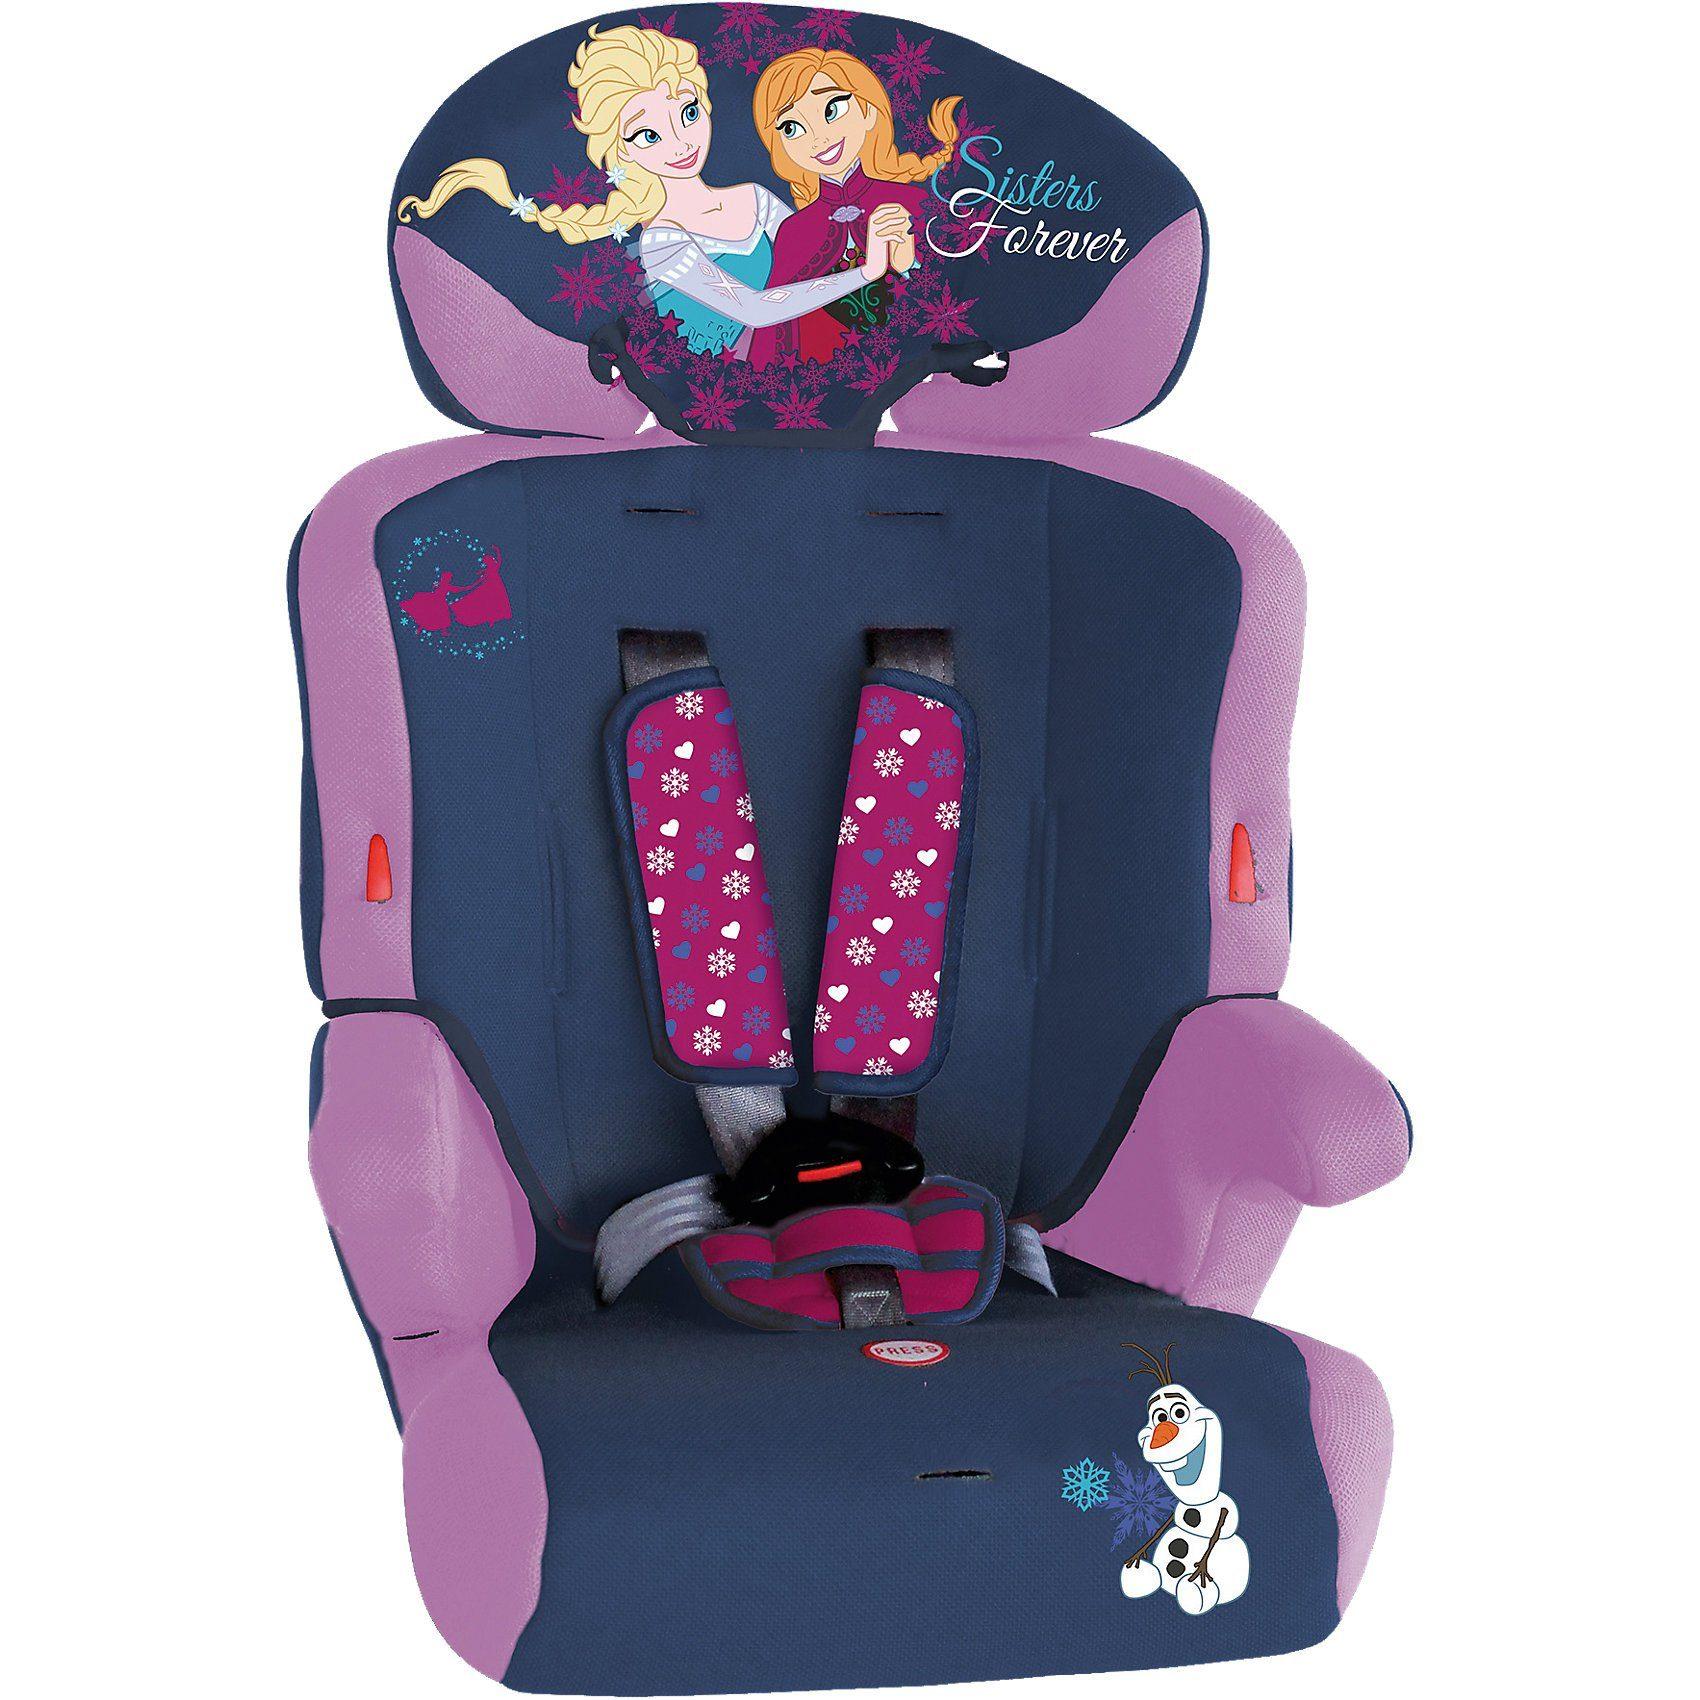 ProType Auto-Kindersitz, Die Eiskönigin (Frozen), 2016